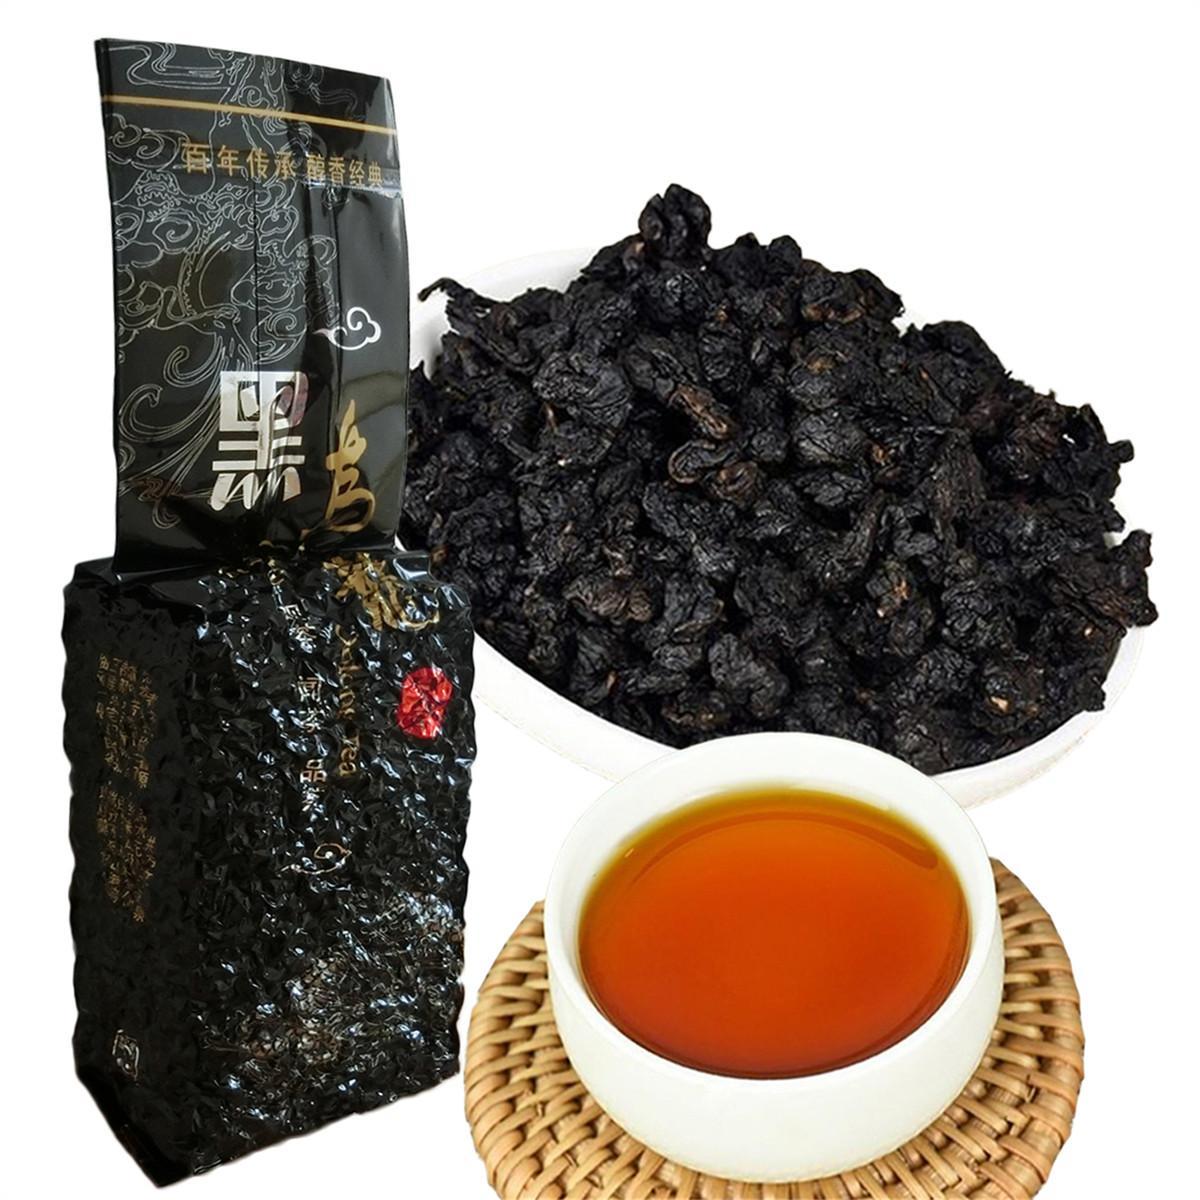 250 г Китайский органический Улун свежий натуральный запеченный темный улун зеленый чай здравоохранение новый весенний чай зеленая еда предпочтительнее